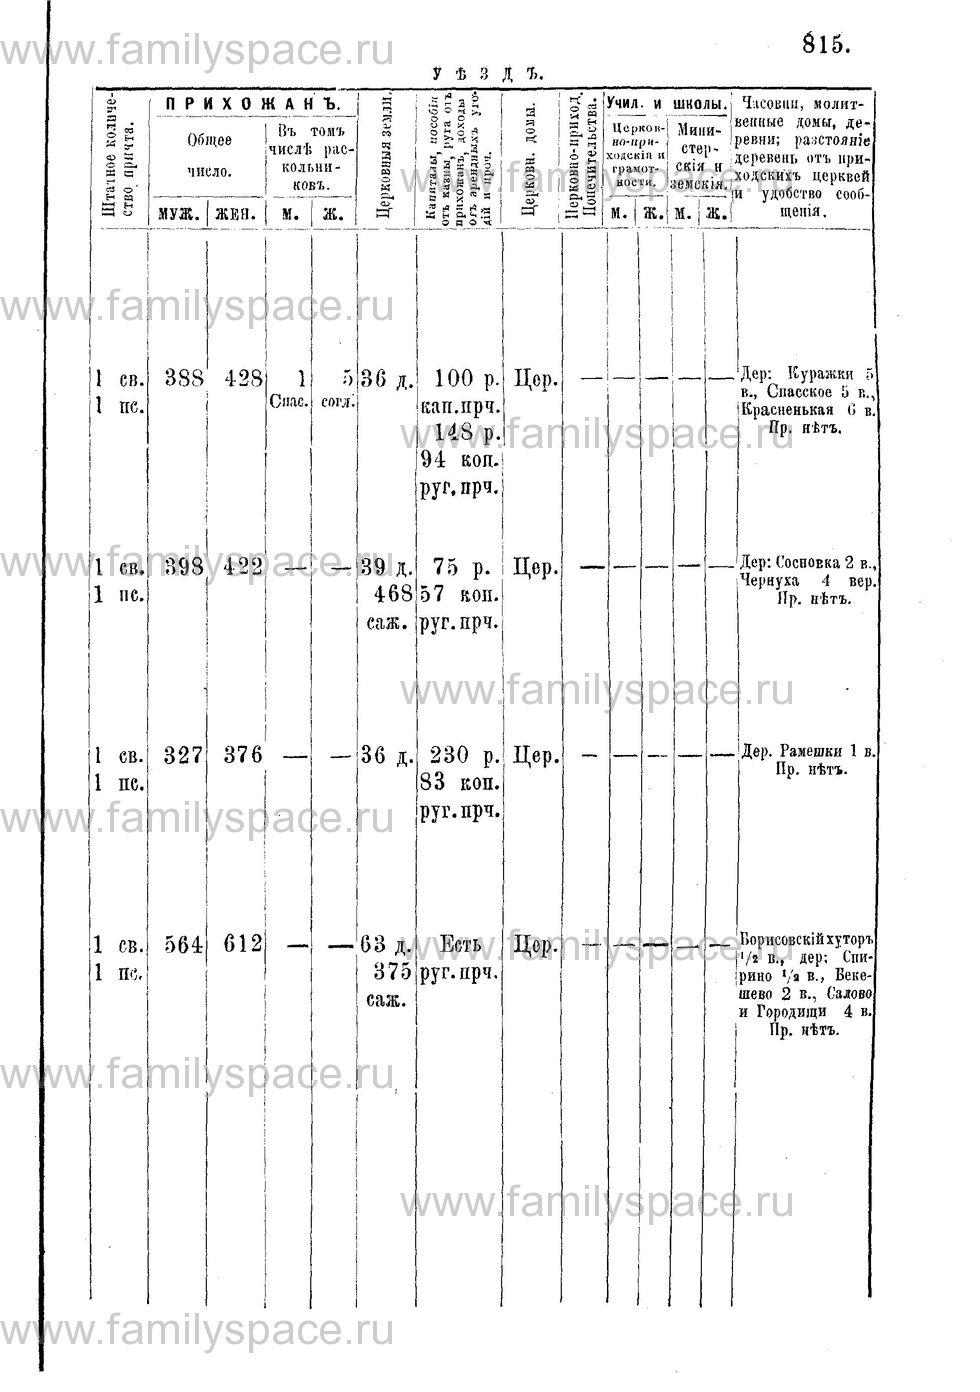 Поиск по фамилии - Адрес-календарь Нижегородской епархии на 1888 год, страница 1815